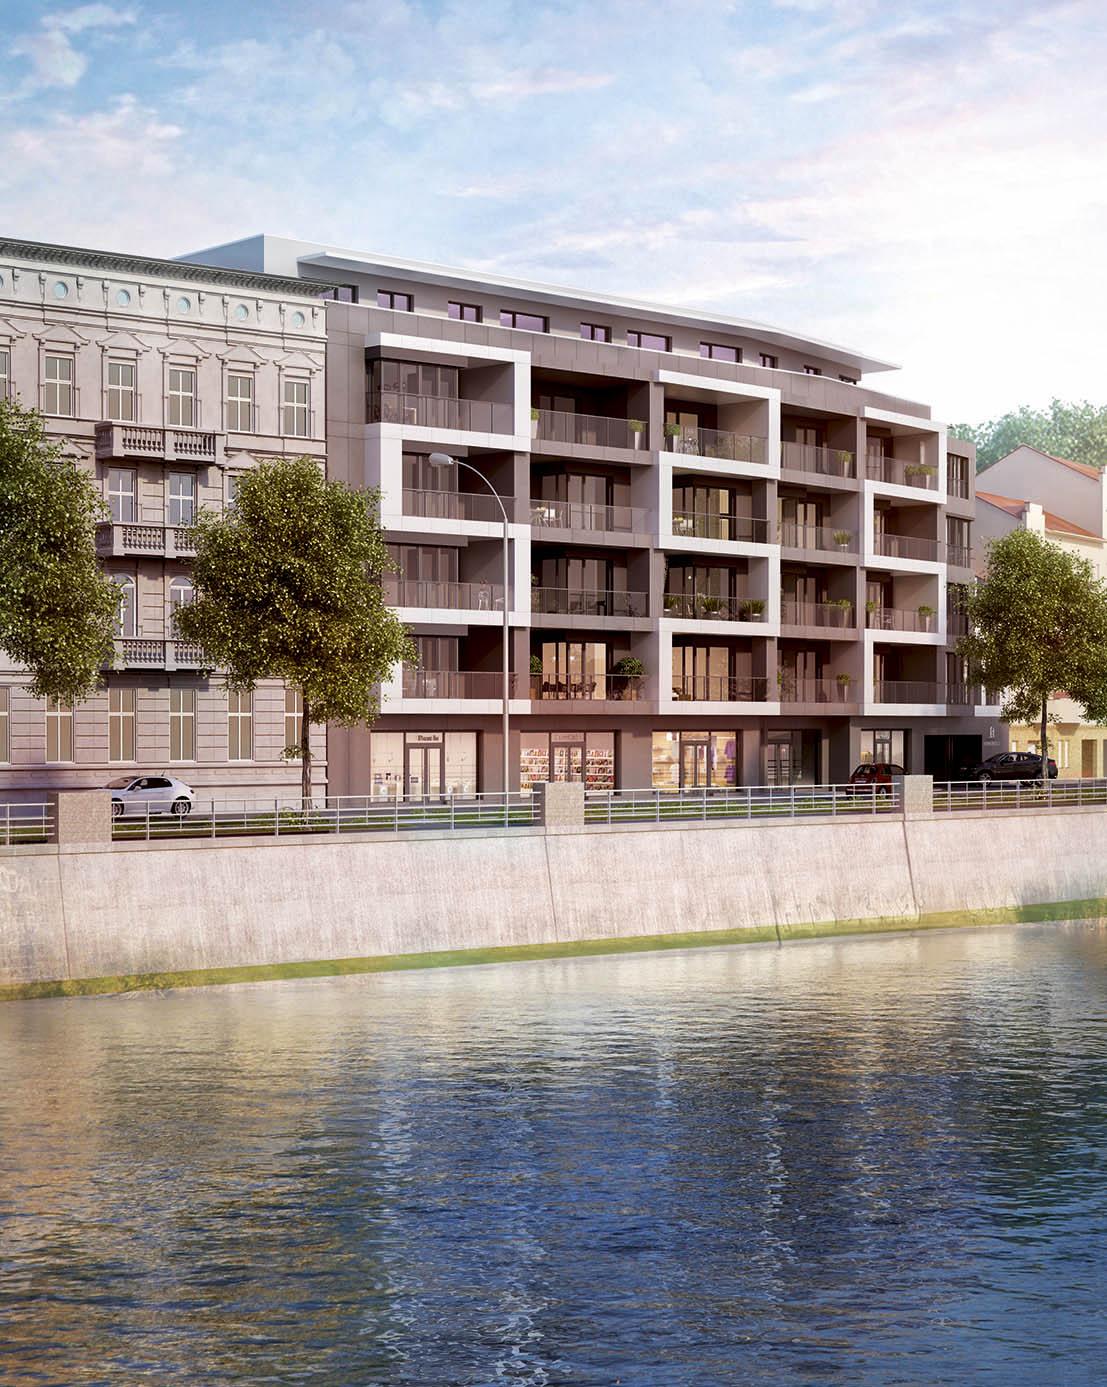 Aktualne Nowy apartamentowiec nad Odrą | www.wroclaw.pl VY61